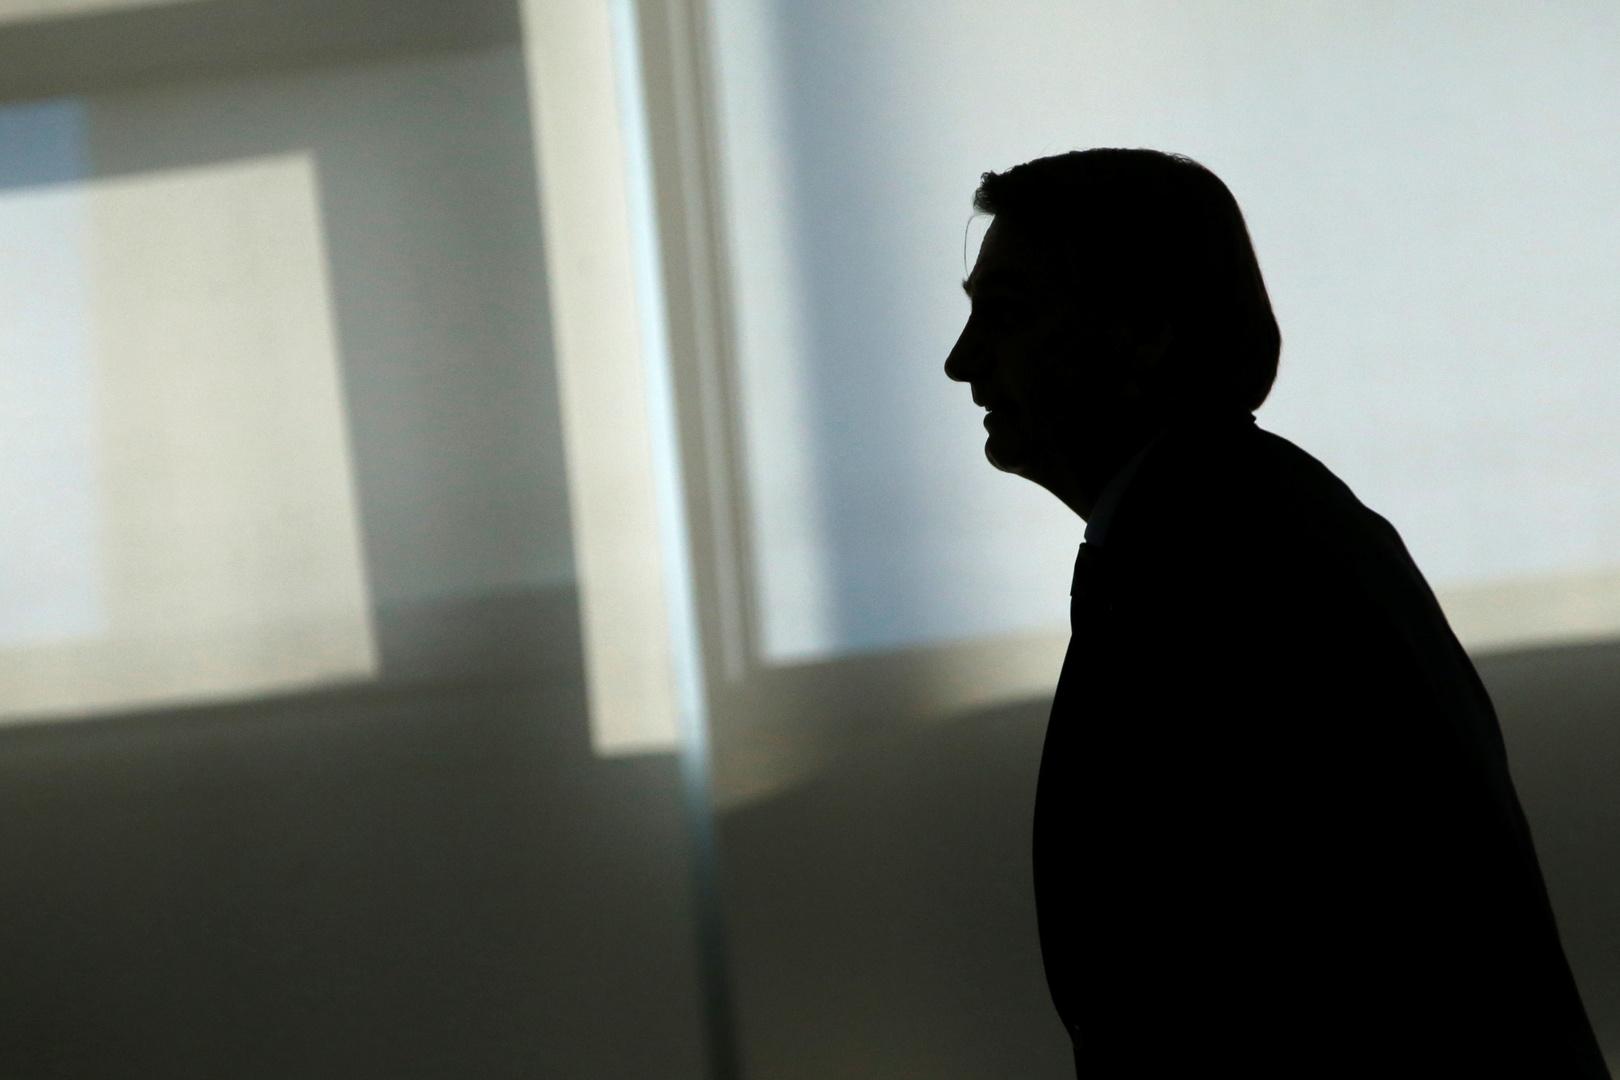 الرئيس البرازيلي يرفض أخذ لقاح ضد فيروس كورونا